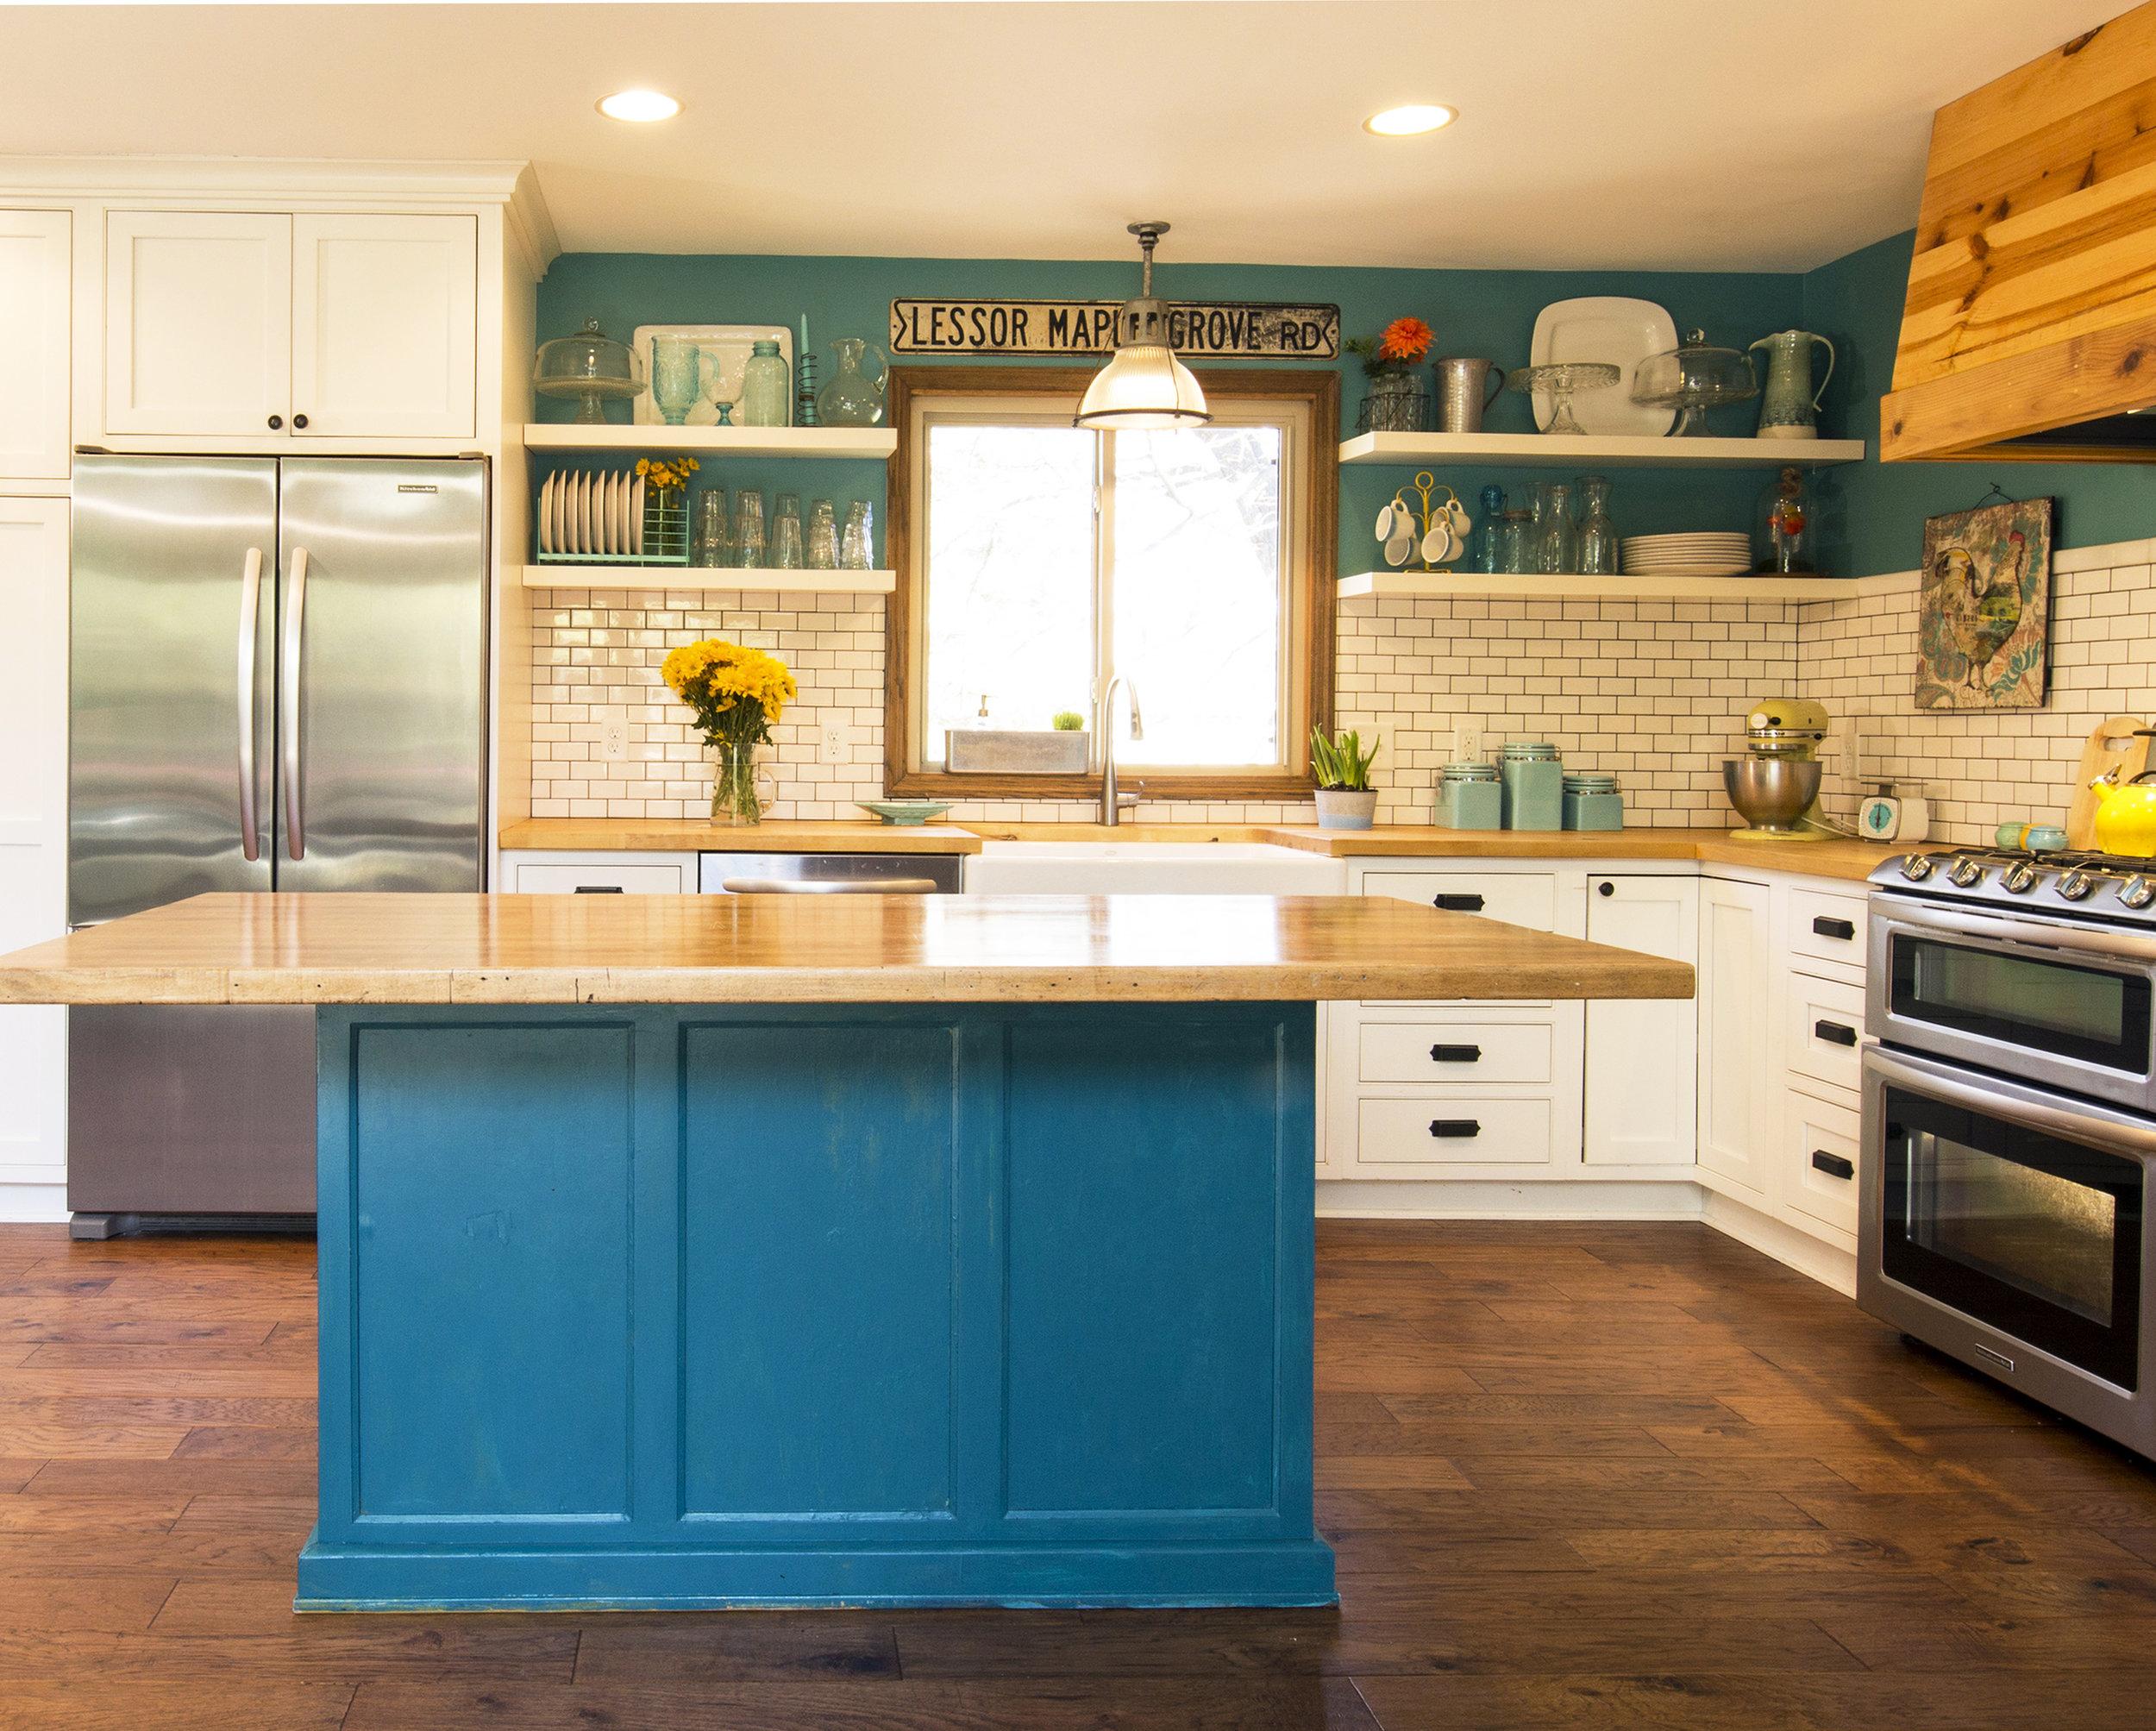 Maple Grove KIitchen PIC 1 full kitchen square.jpg